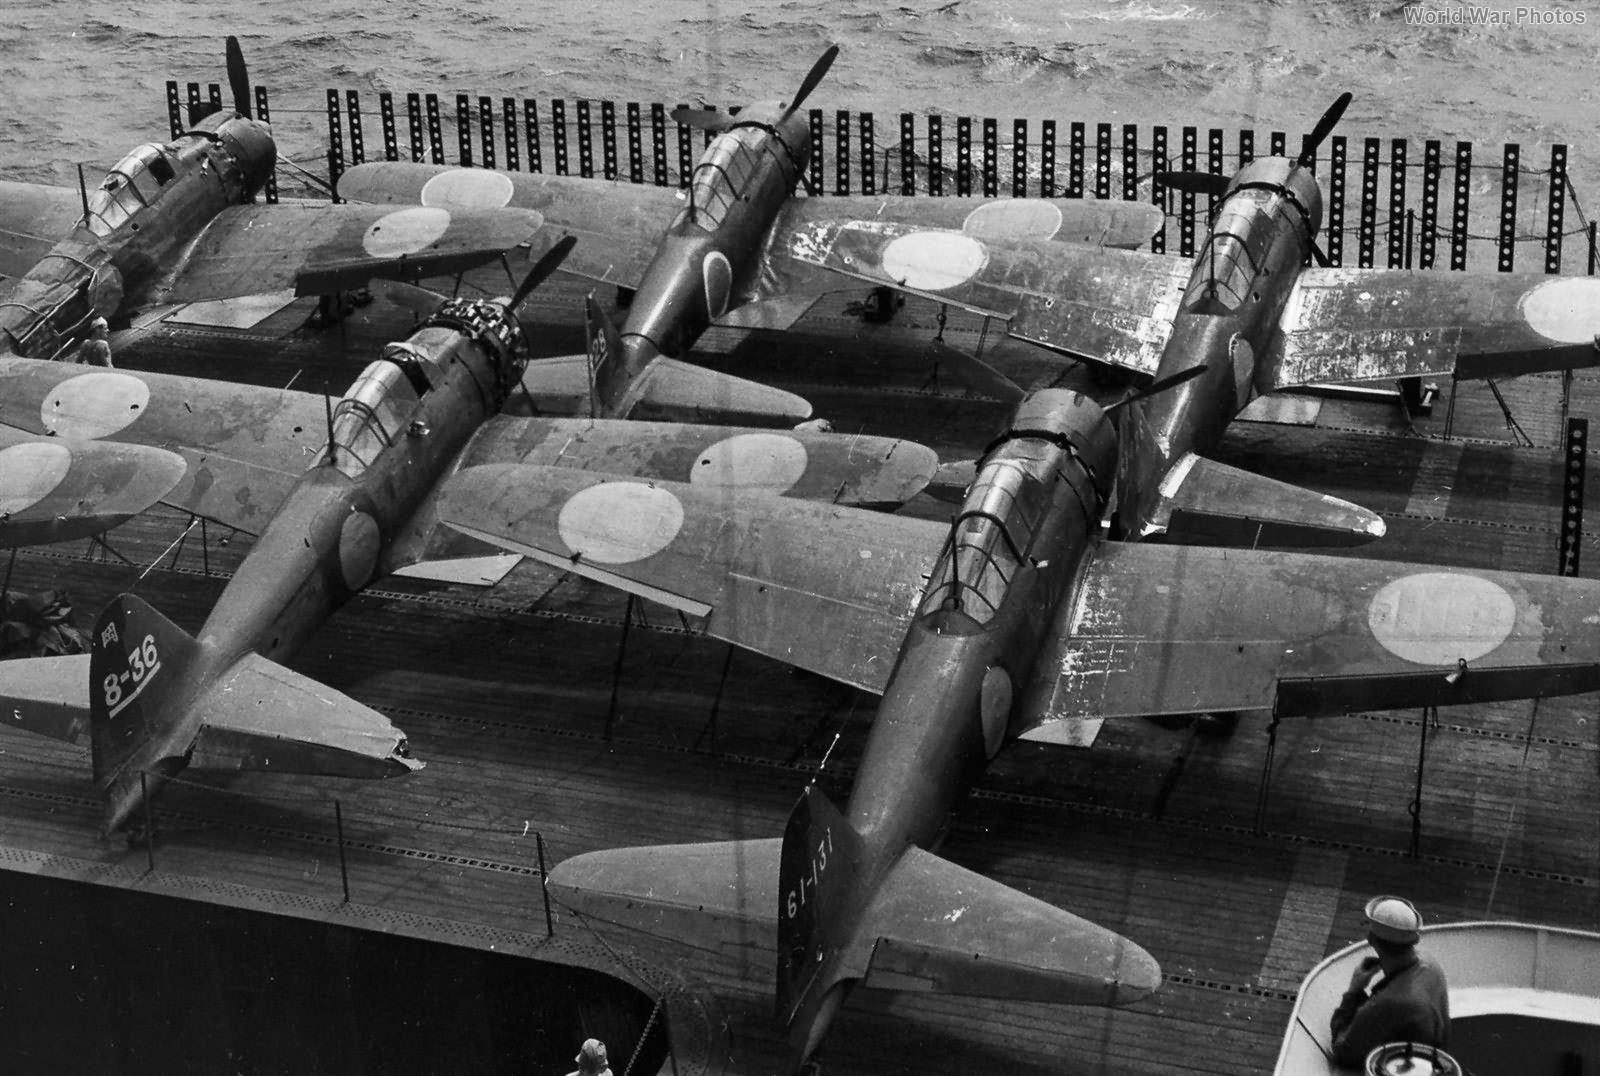 https://www.worldwarphotos.info/wp-content/gallery/japan/aircrafts/a6m-zero/A6M5_aboard_USS_Copahee_Saipan_jul44.jpg